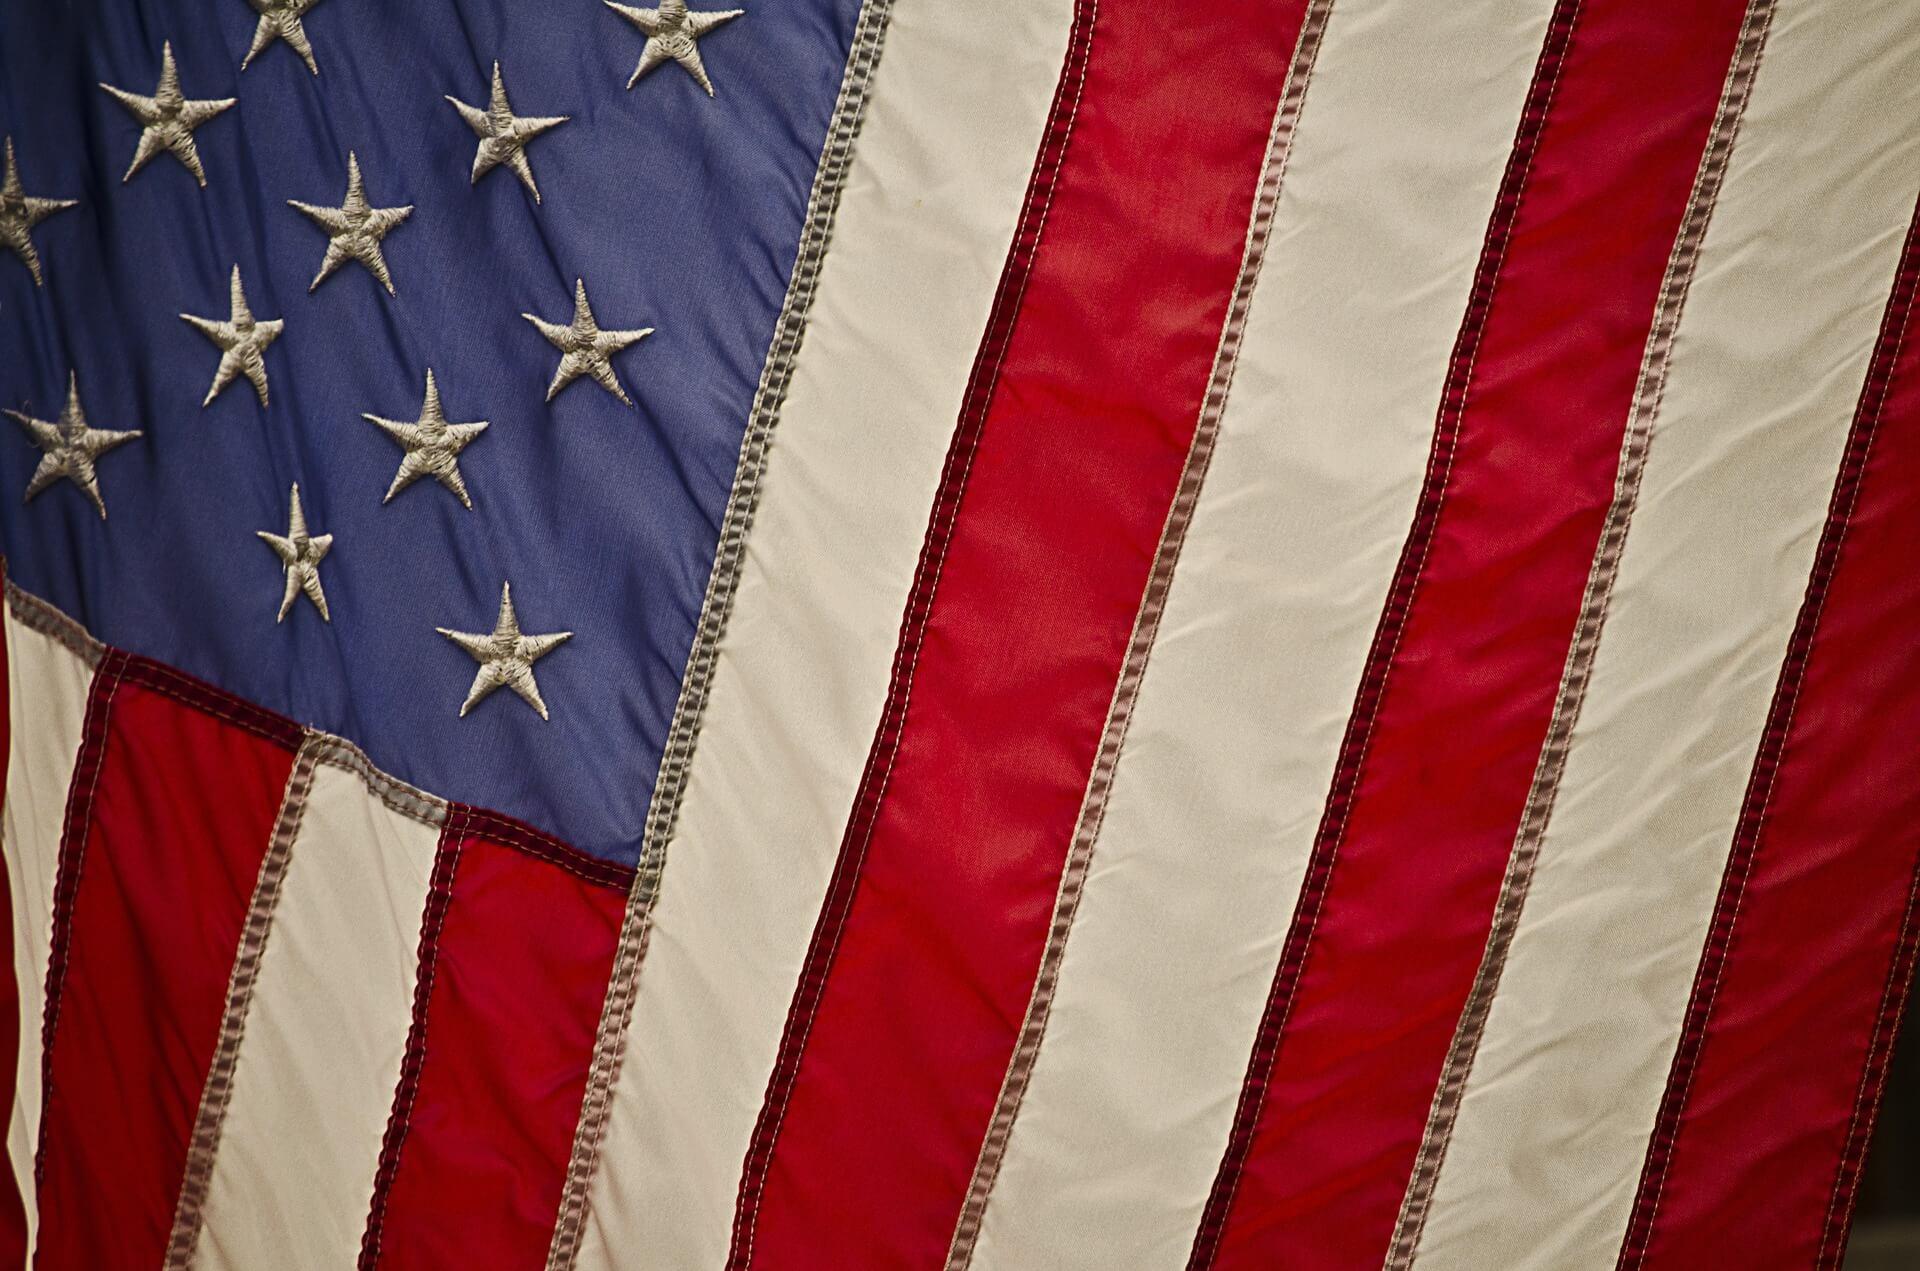 アメリカは世界中の通貨を操っている!FXトレードではアメリカの動向を抑えよう!